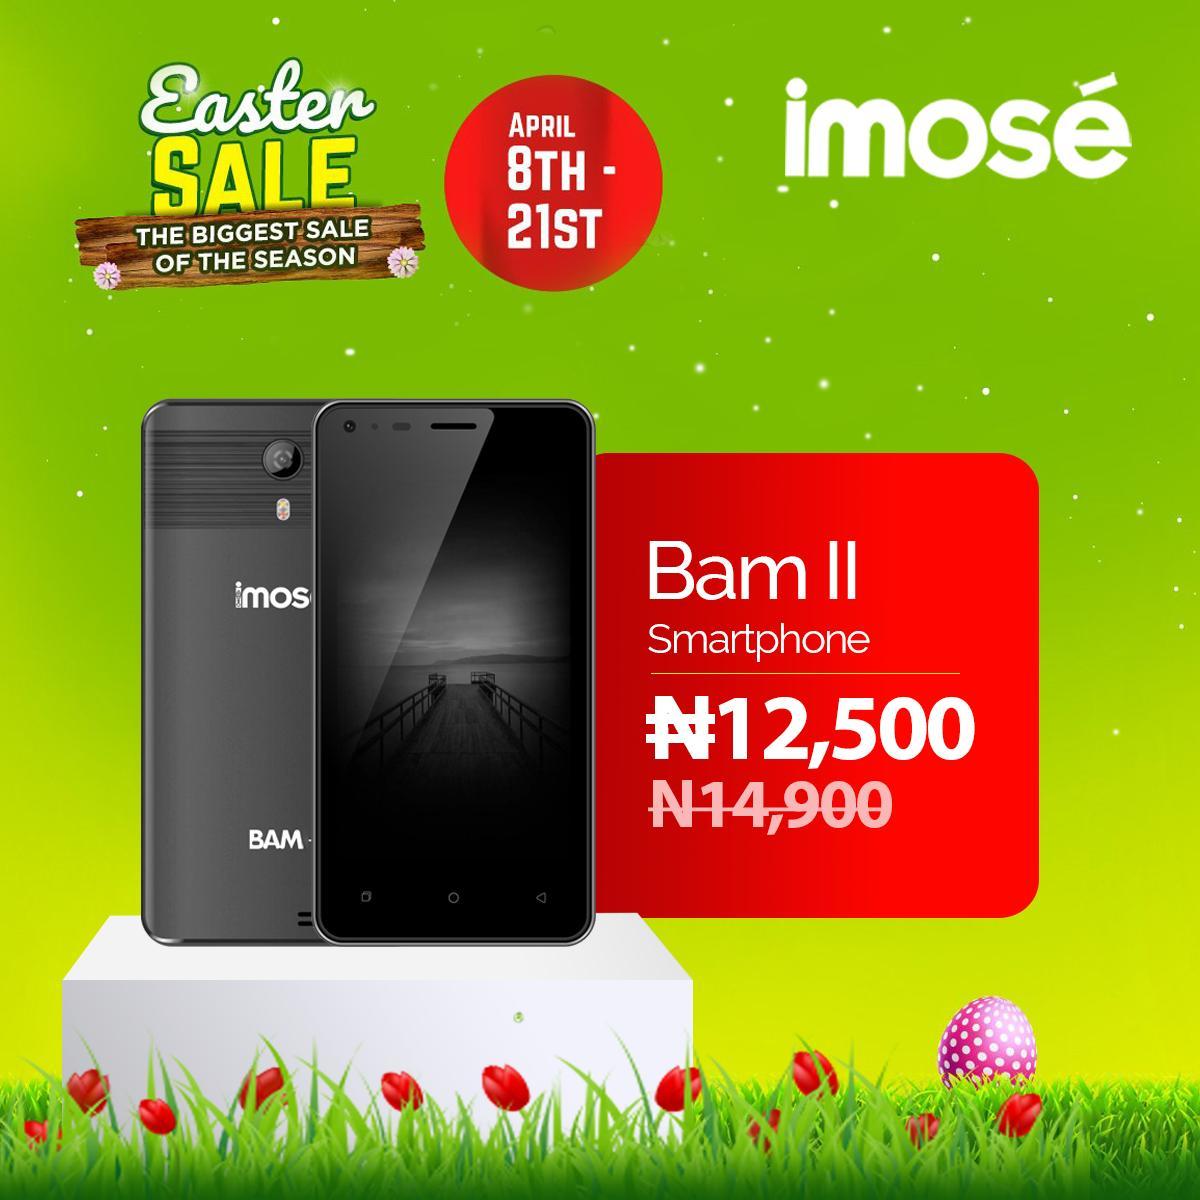 RT @imosenig: BAM-II sef follow for the promo https://t.co/yzwq71sWgz...